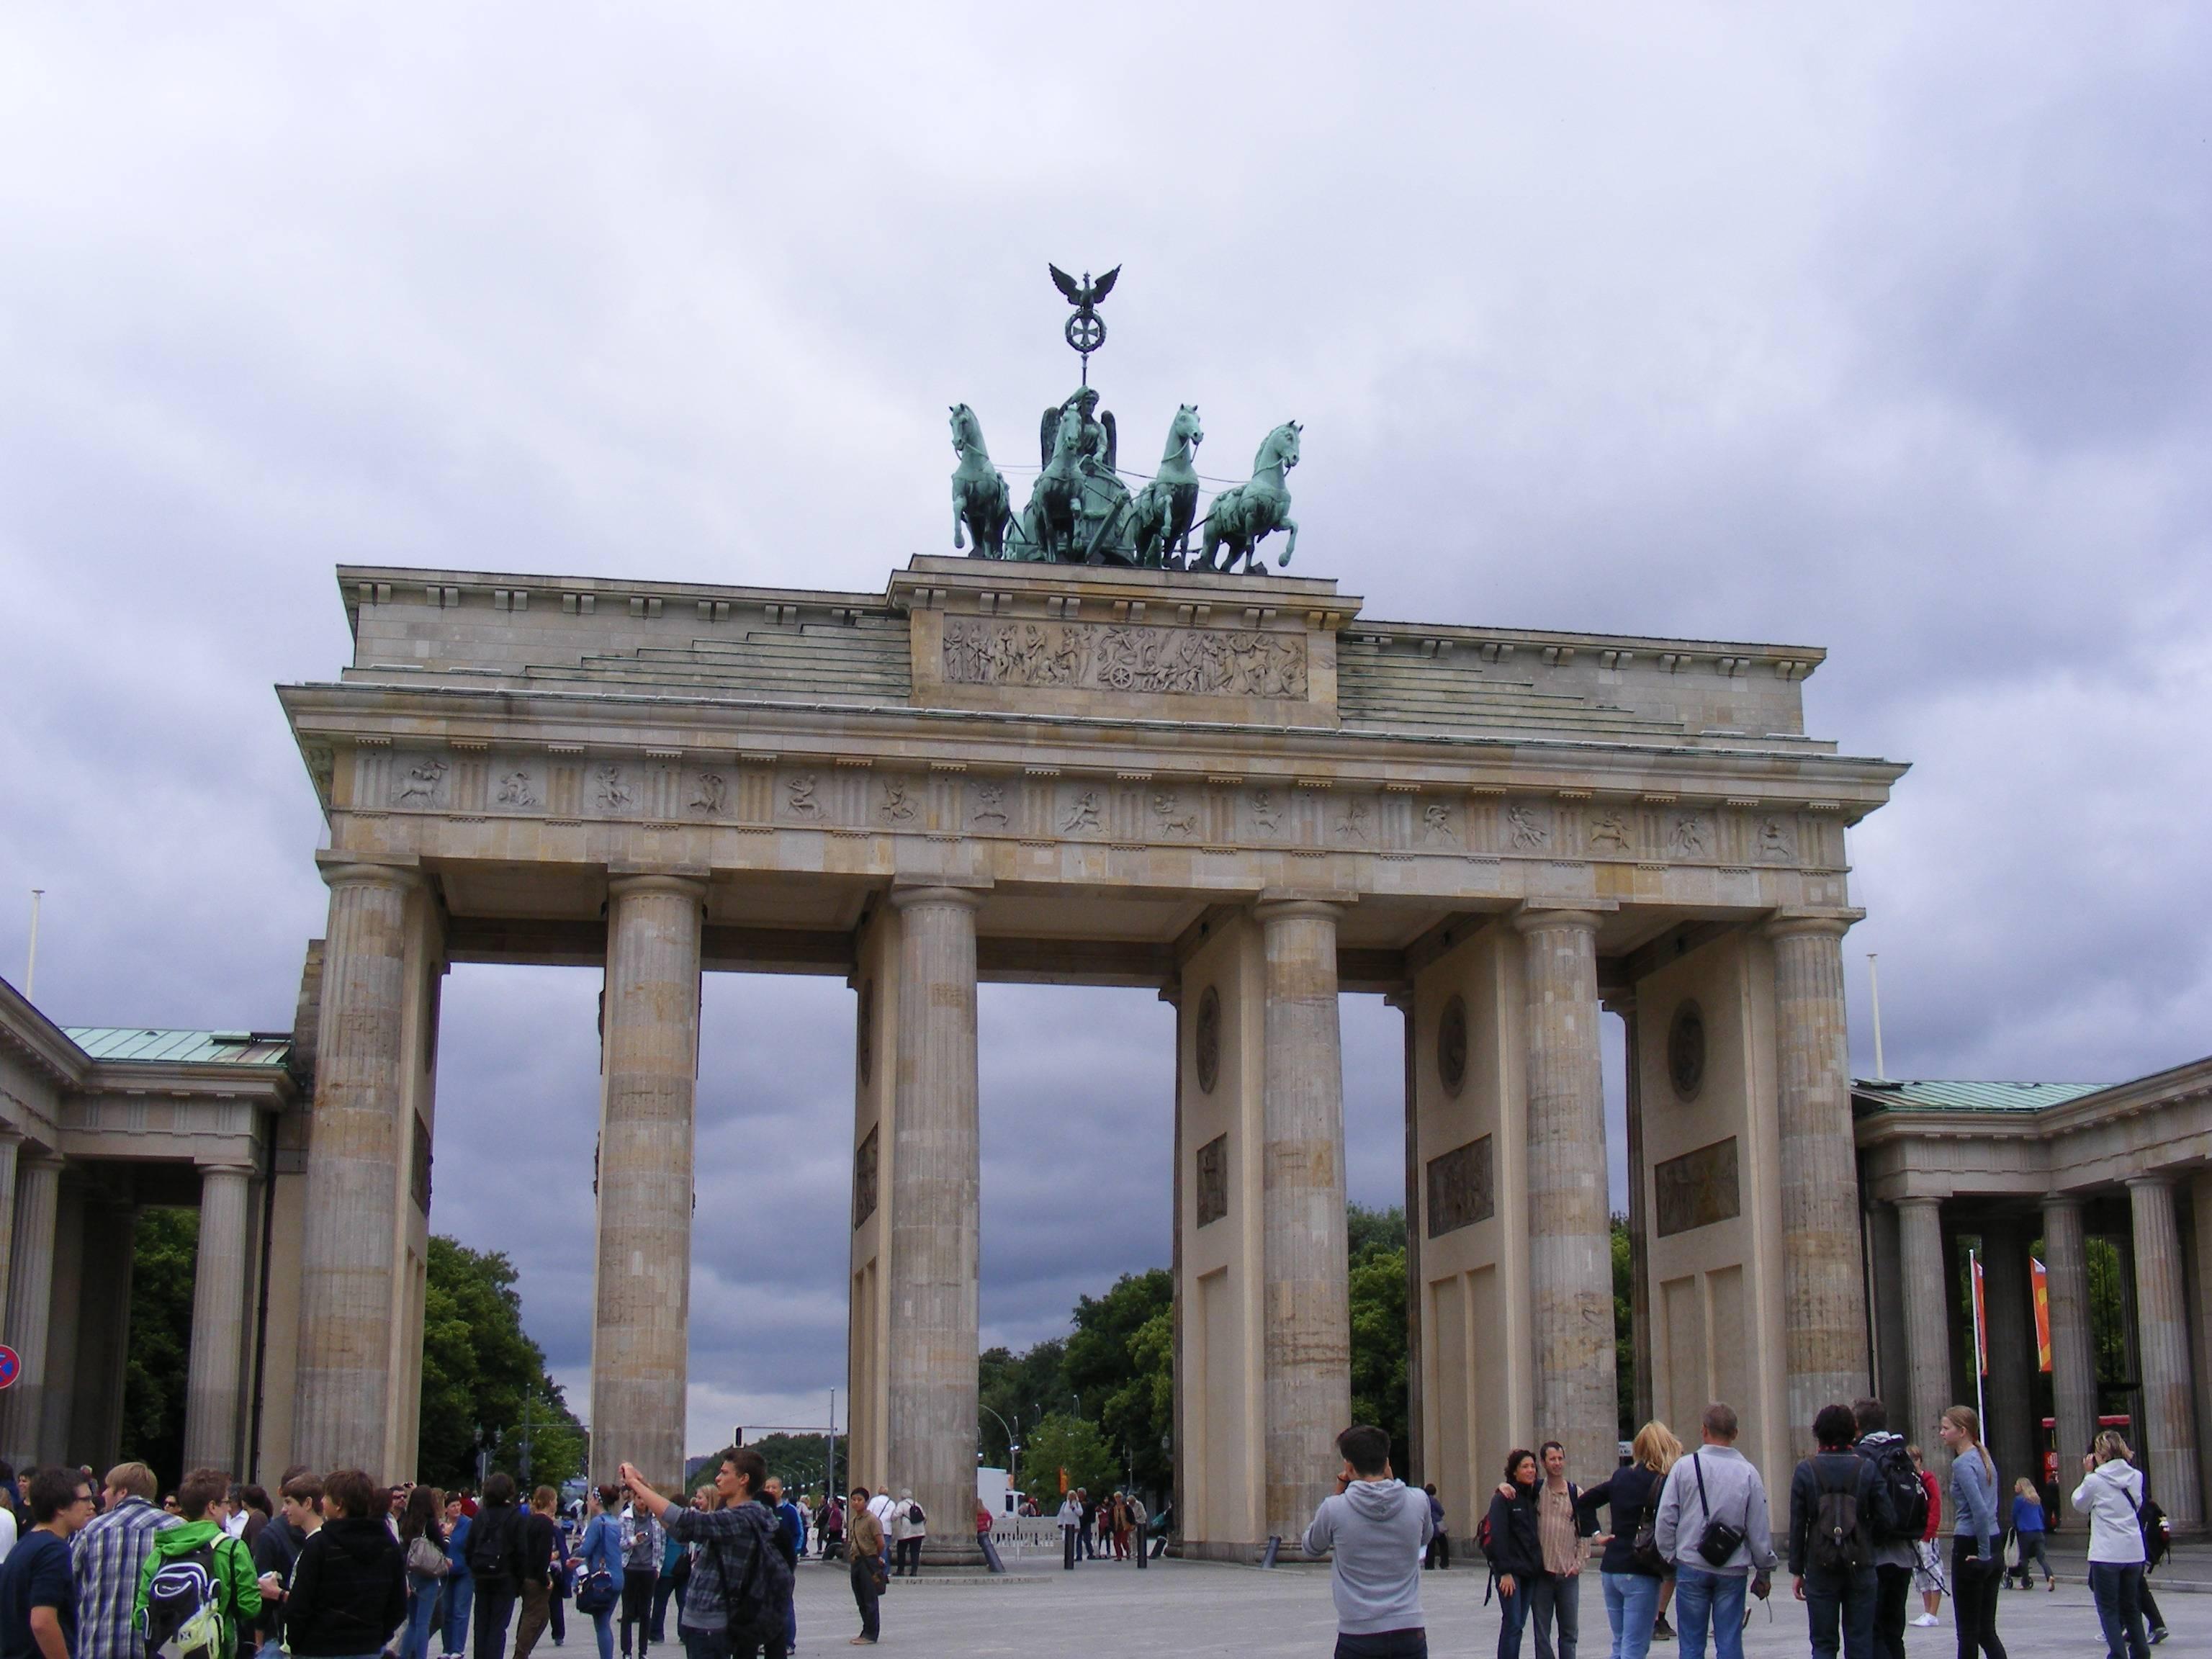 Достопримечательности берлина, или что посмотреть в столице германии